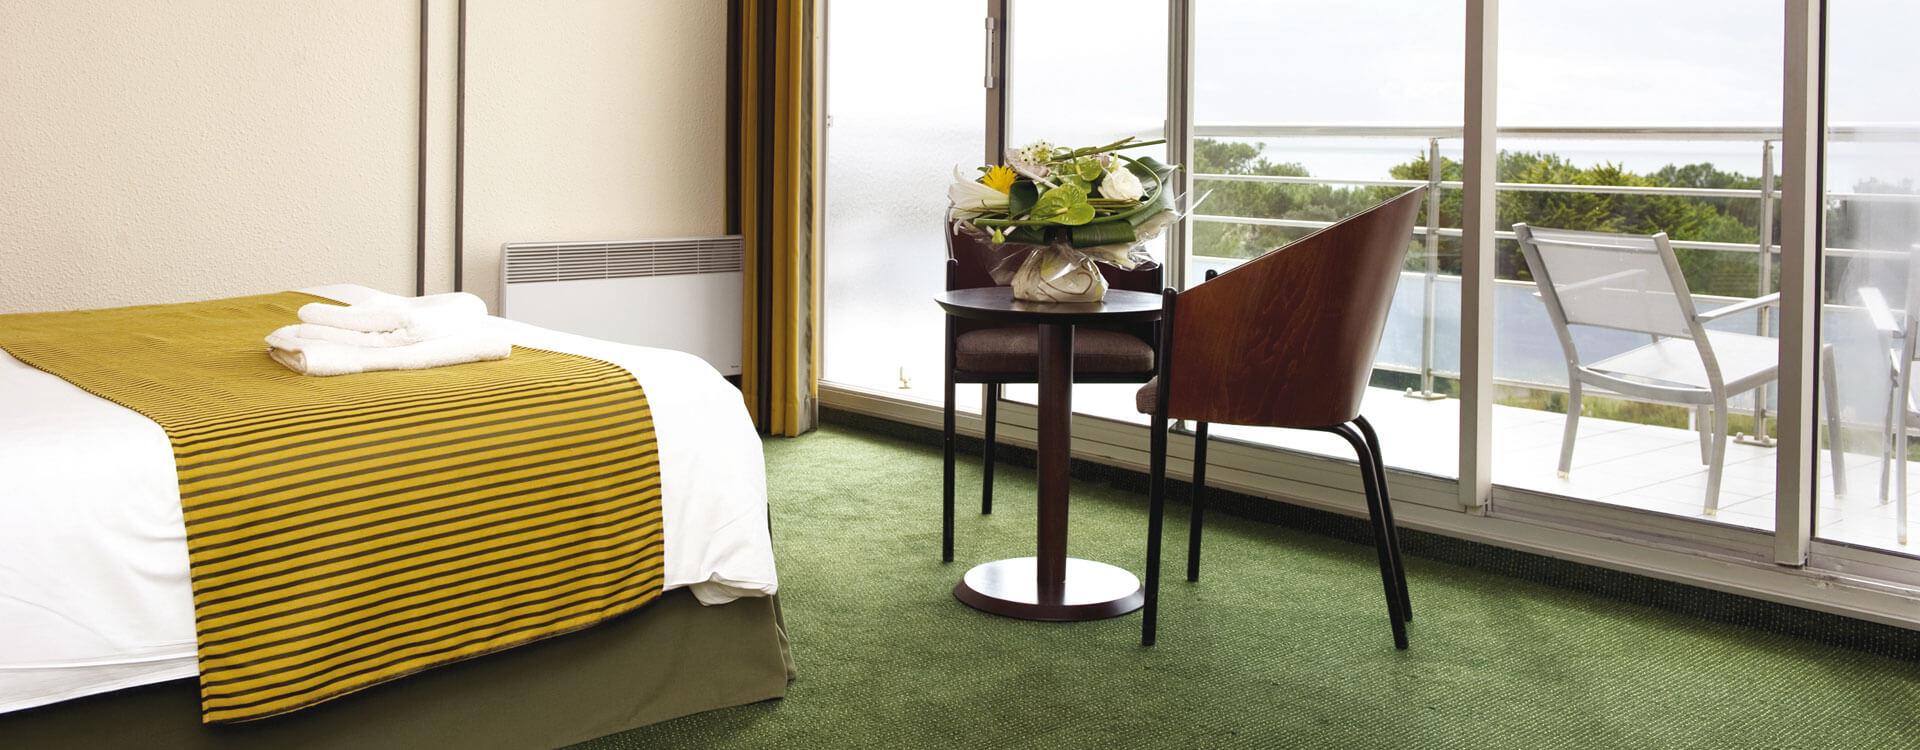 Chambres quadruple - Hôtel *** Les Jardins de l'Atlantique